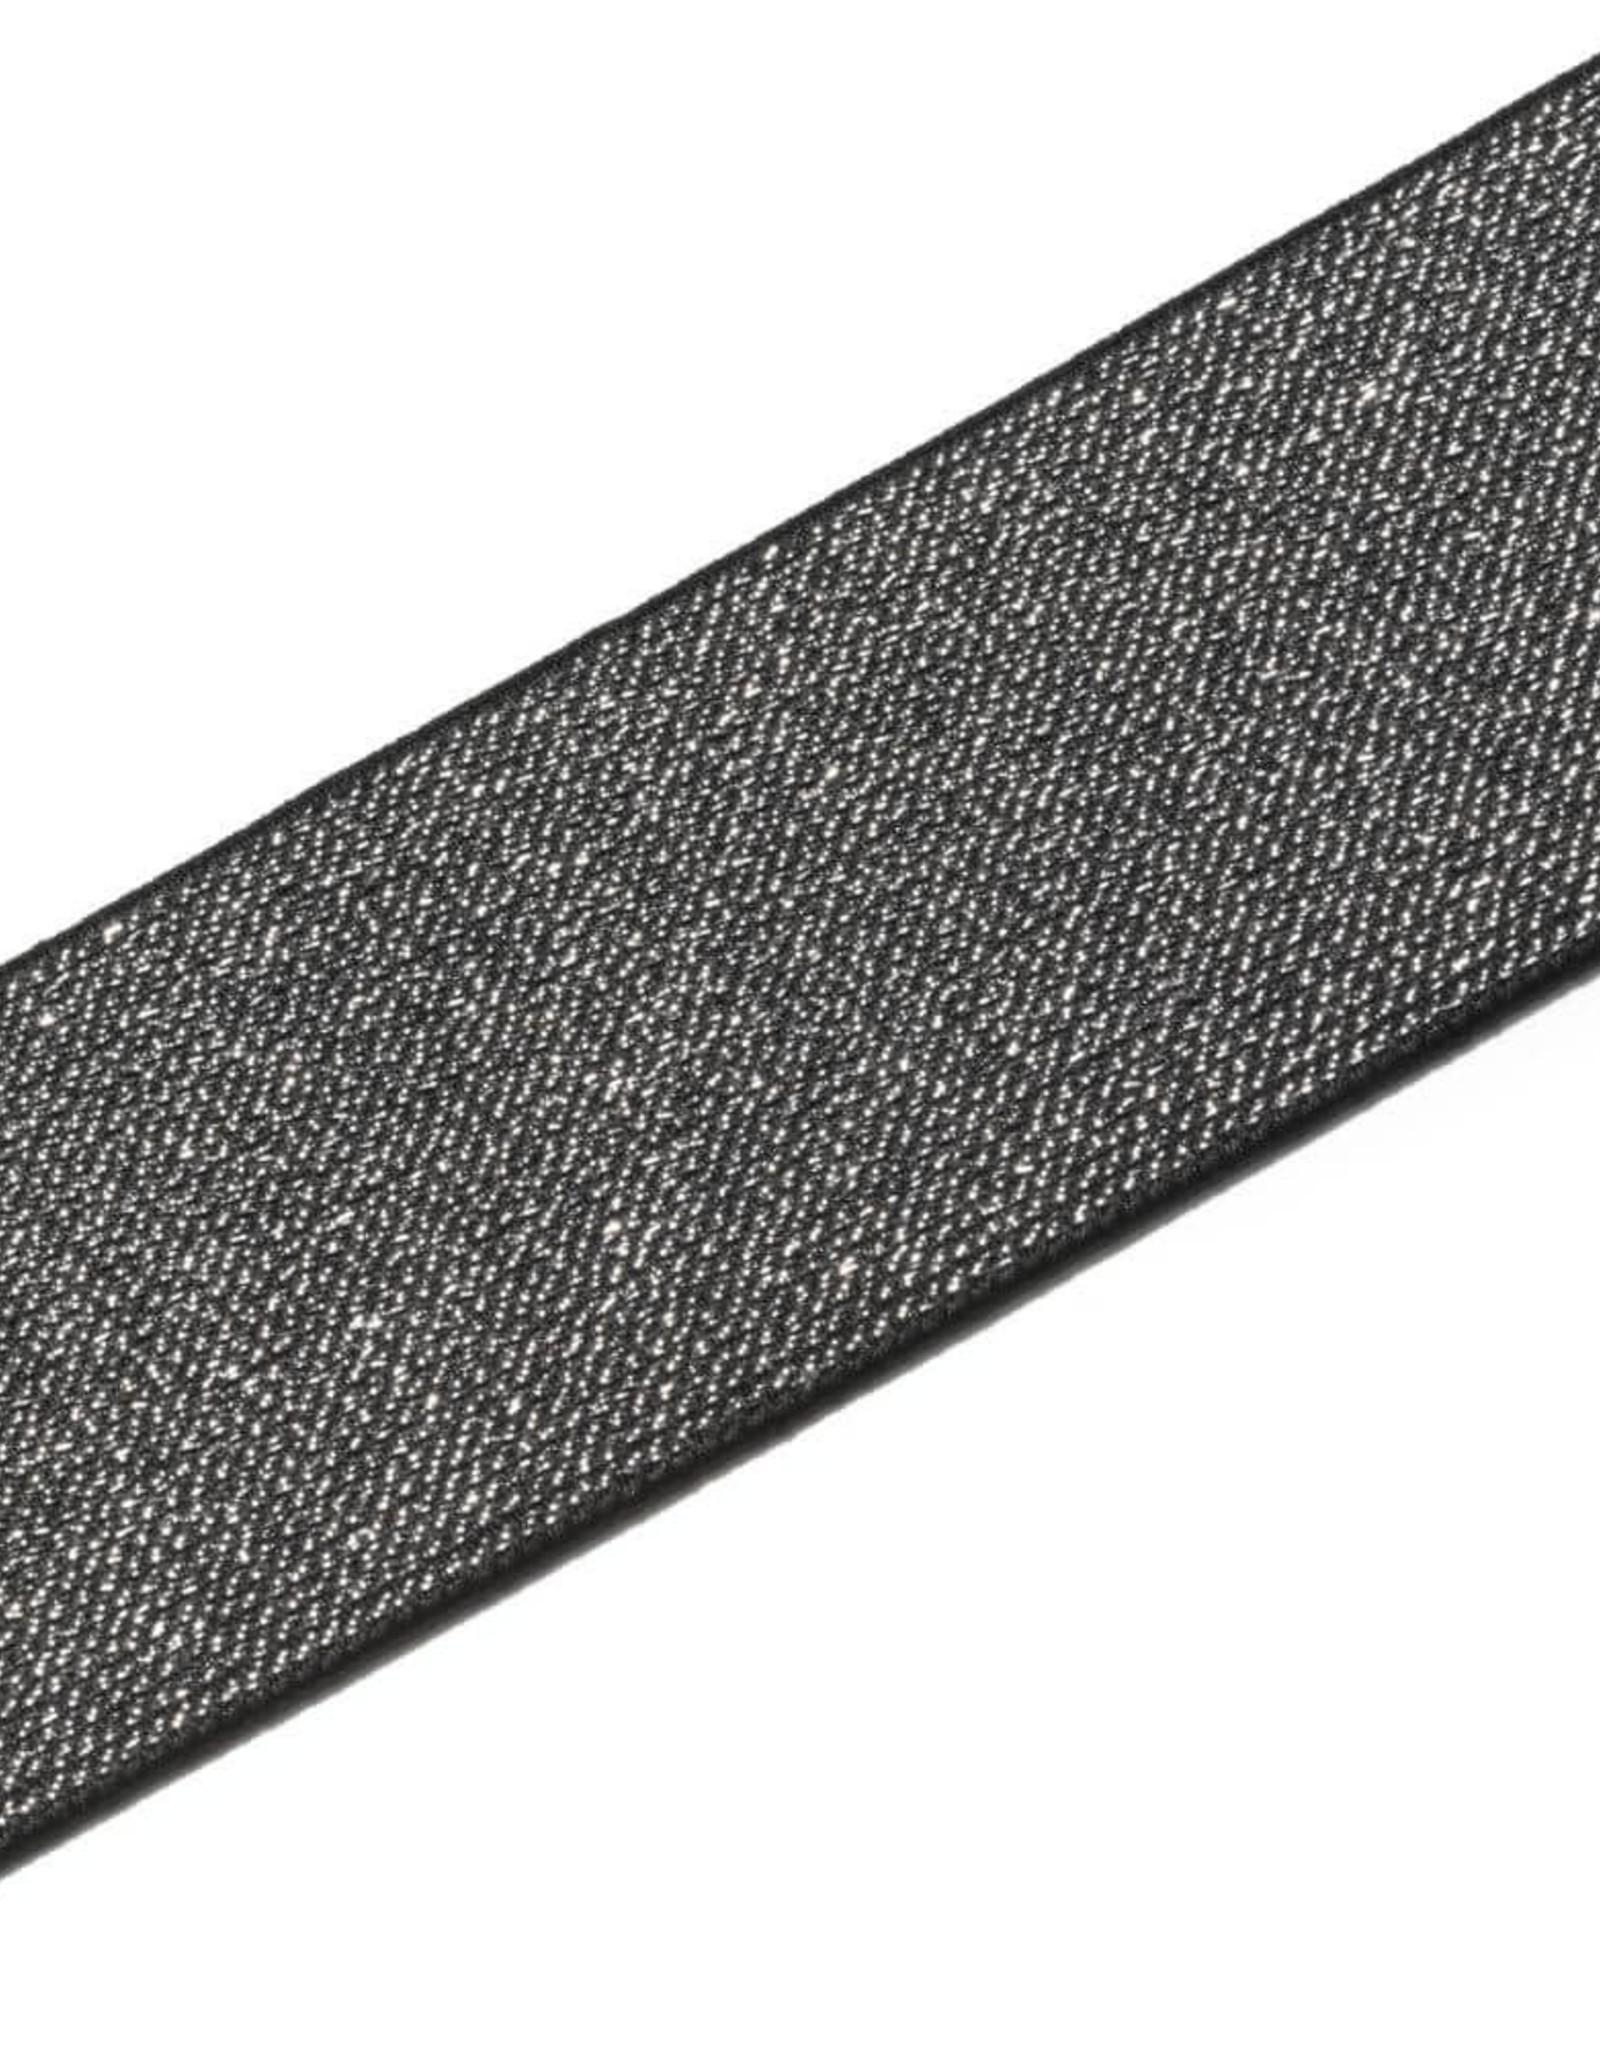 Prym Prym ELASTIEK COLOR ZWART-ZILVER 50mm